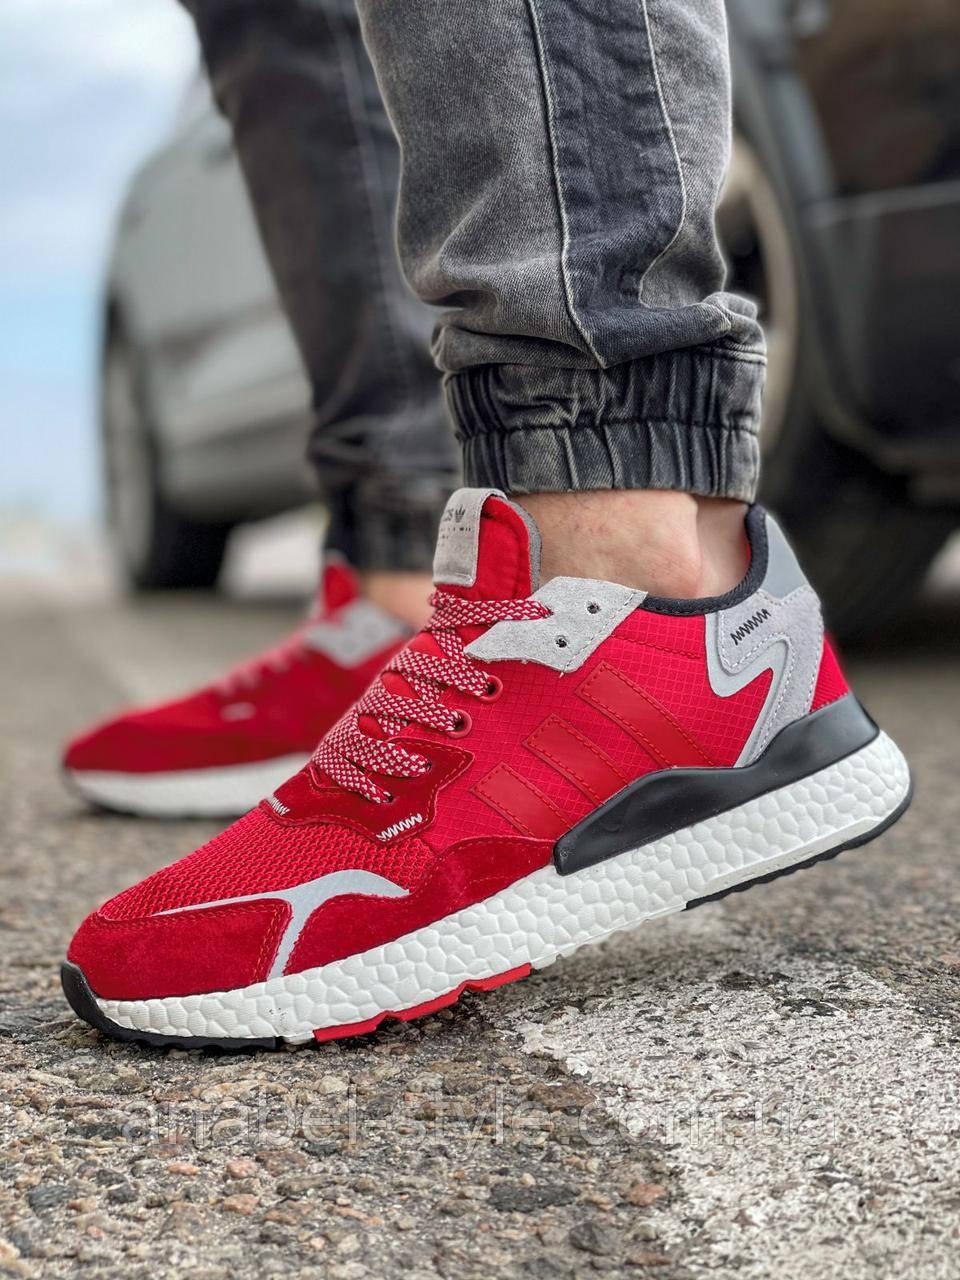 Кроссовки мужские 17297, Adidas Nite Jogger Boost 3M, красные, [ 41 42 43 44 45 ] р. 41-25,2см. 45